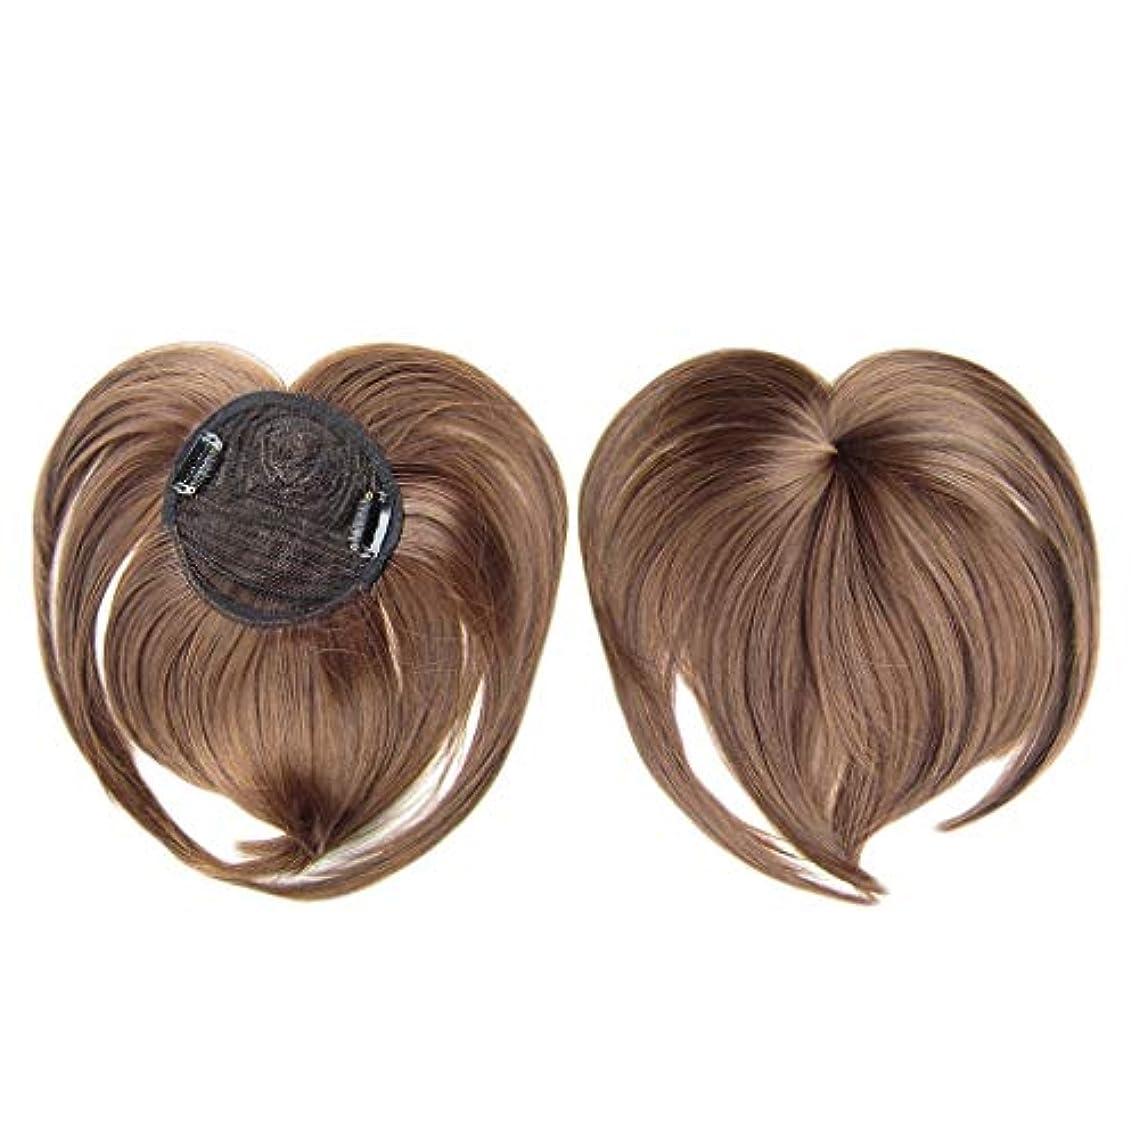 文明ピークミニチュアJun® 女性の絹のようなクリップオンヘアトッパーウィッグ耐熱ファイバーウィッグファッションヘアウィッグ (G)